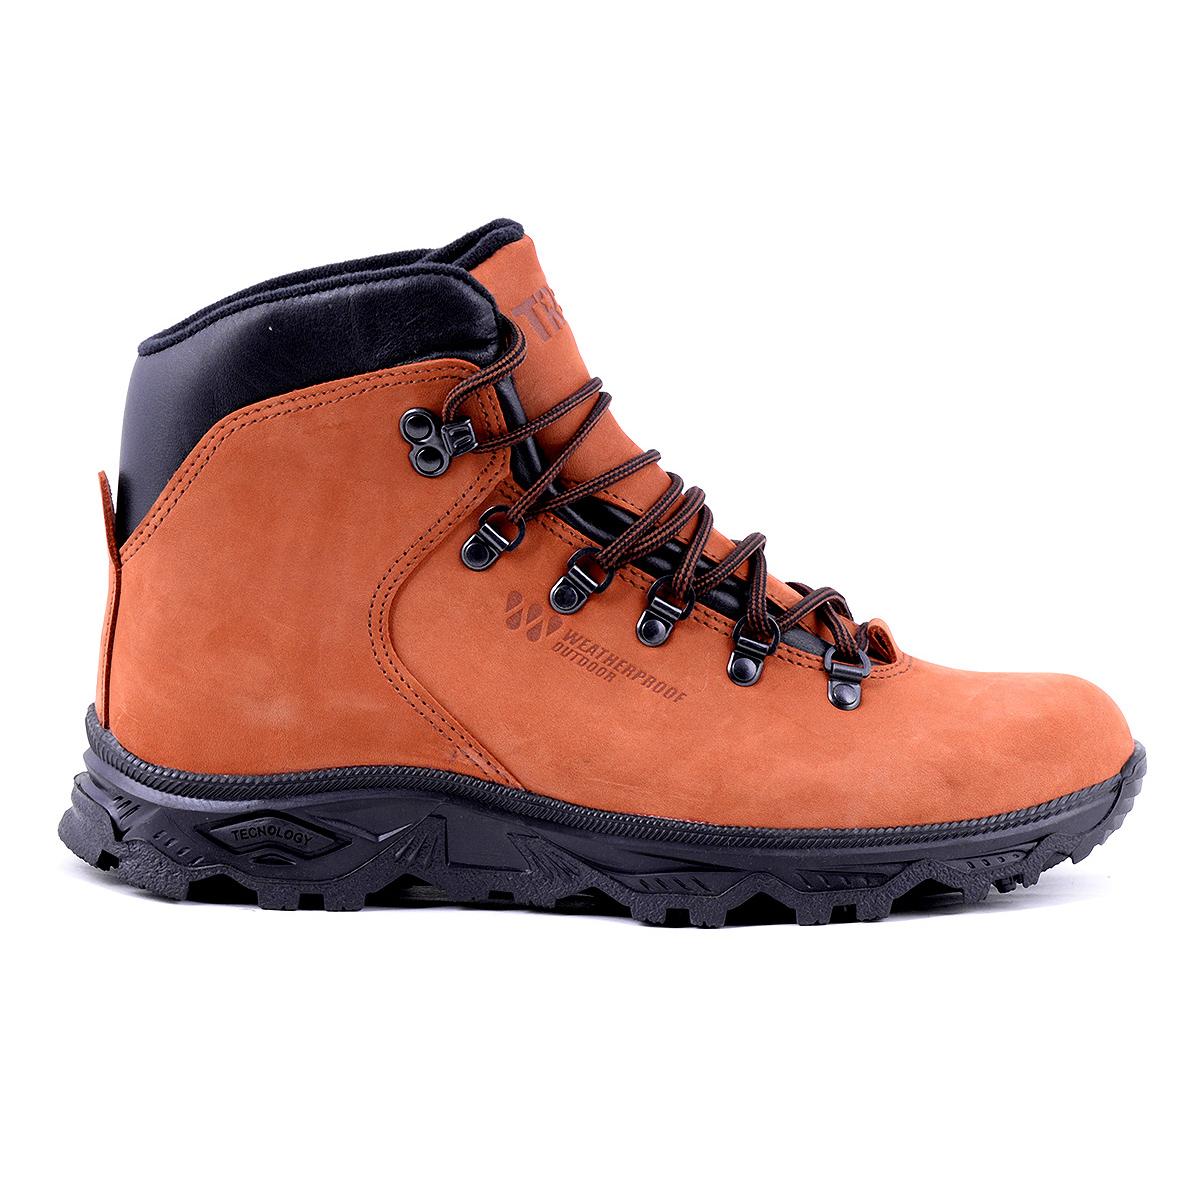 Купить Ботинки TREK Hiking6 (шерст.мех), Обувная фабрика Trek